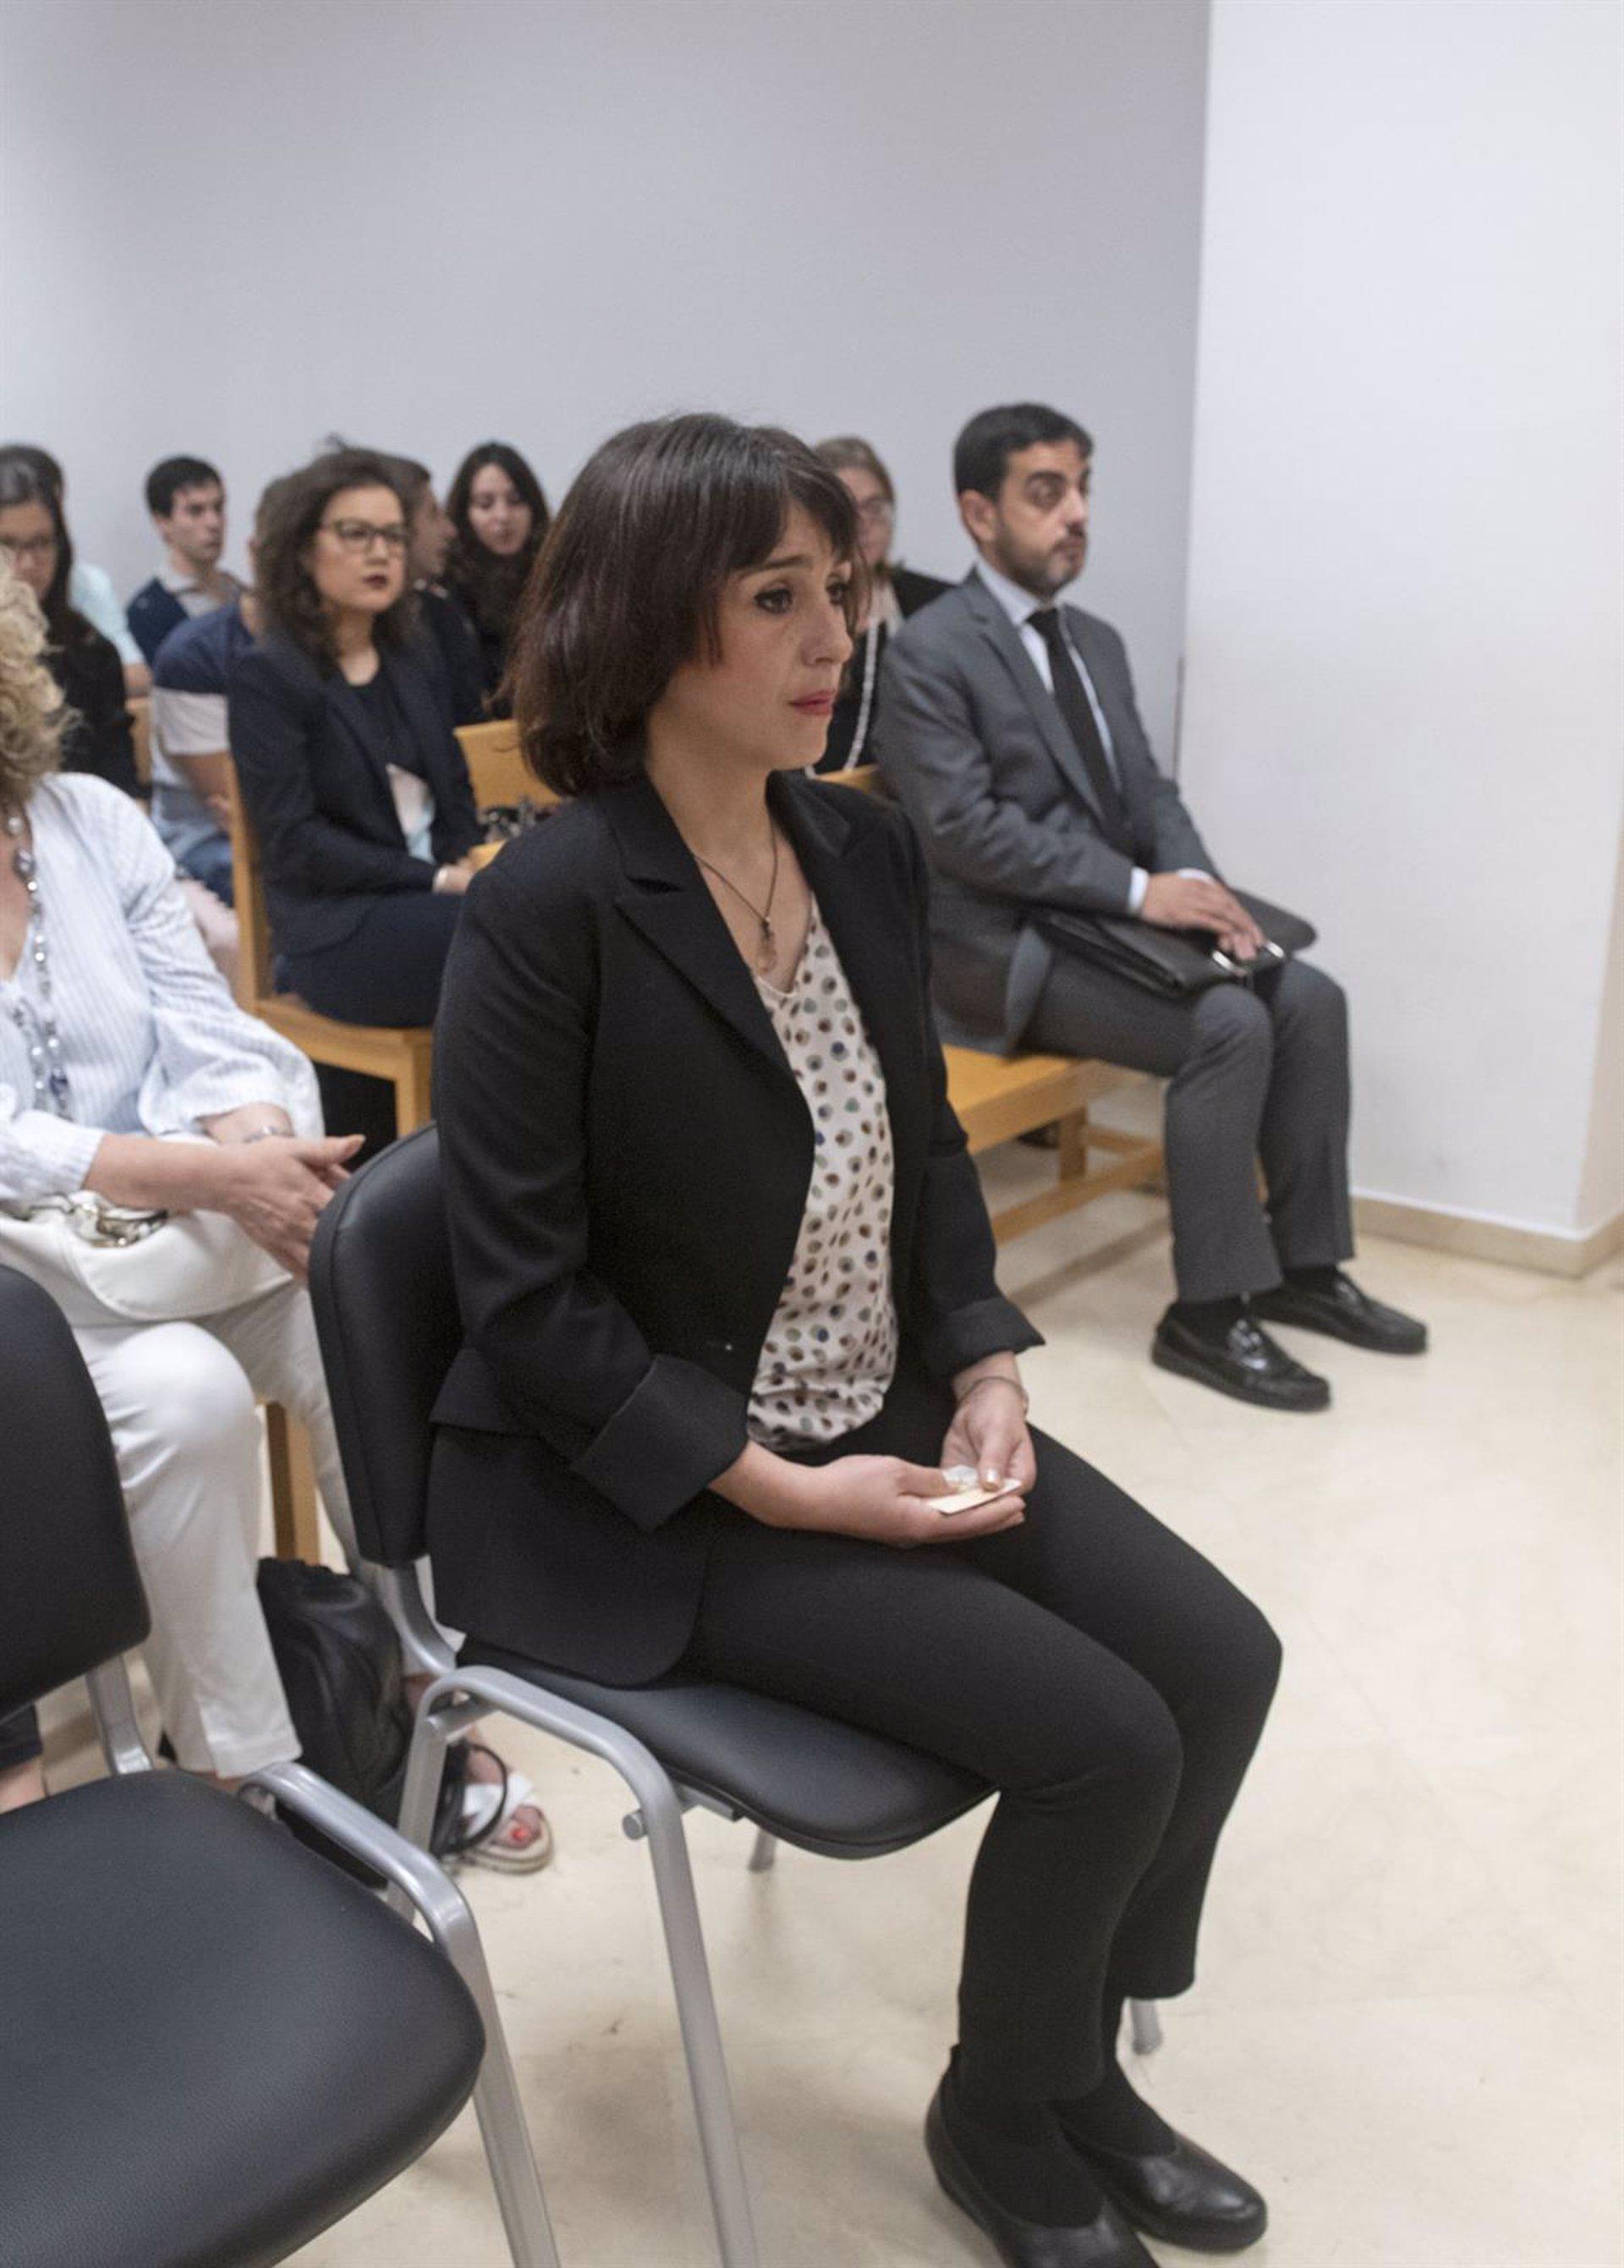 La defensa de Juana Rivas anuncia una queja al CGPJ contra el juez por comportamiento «irregular»